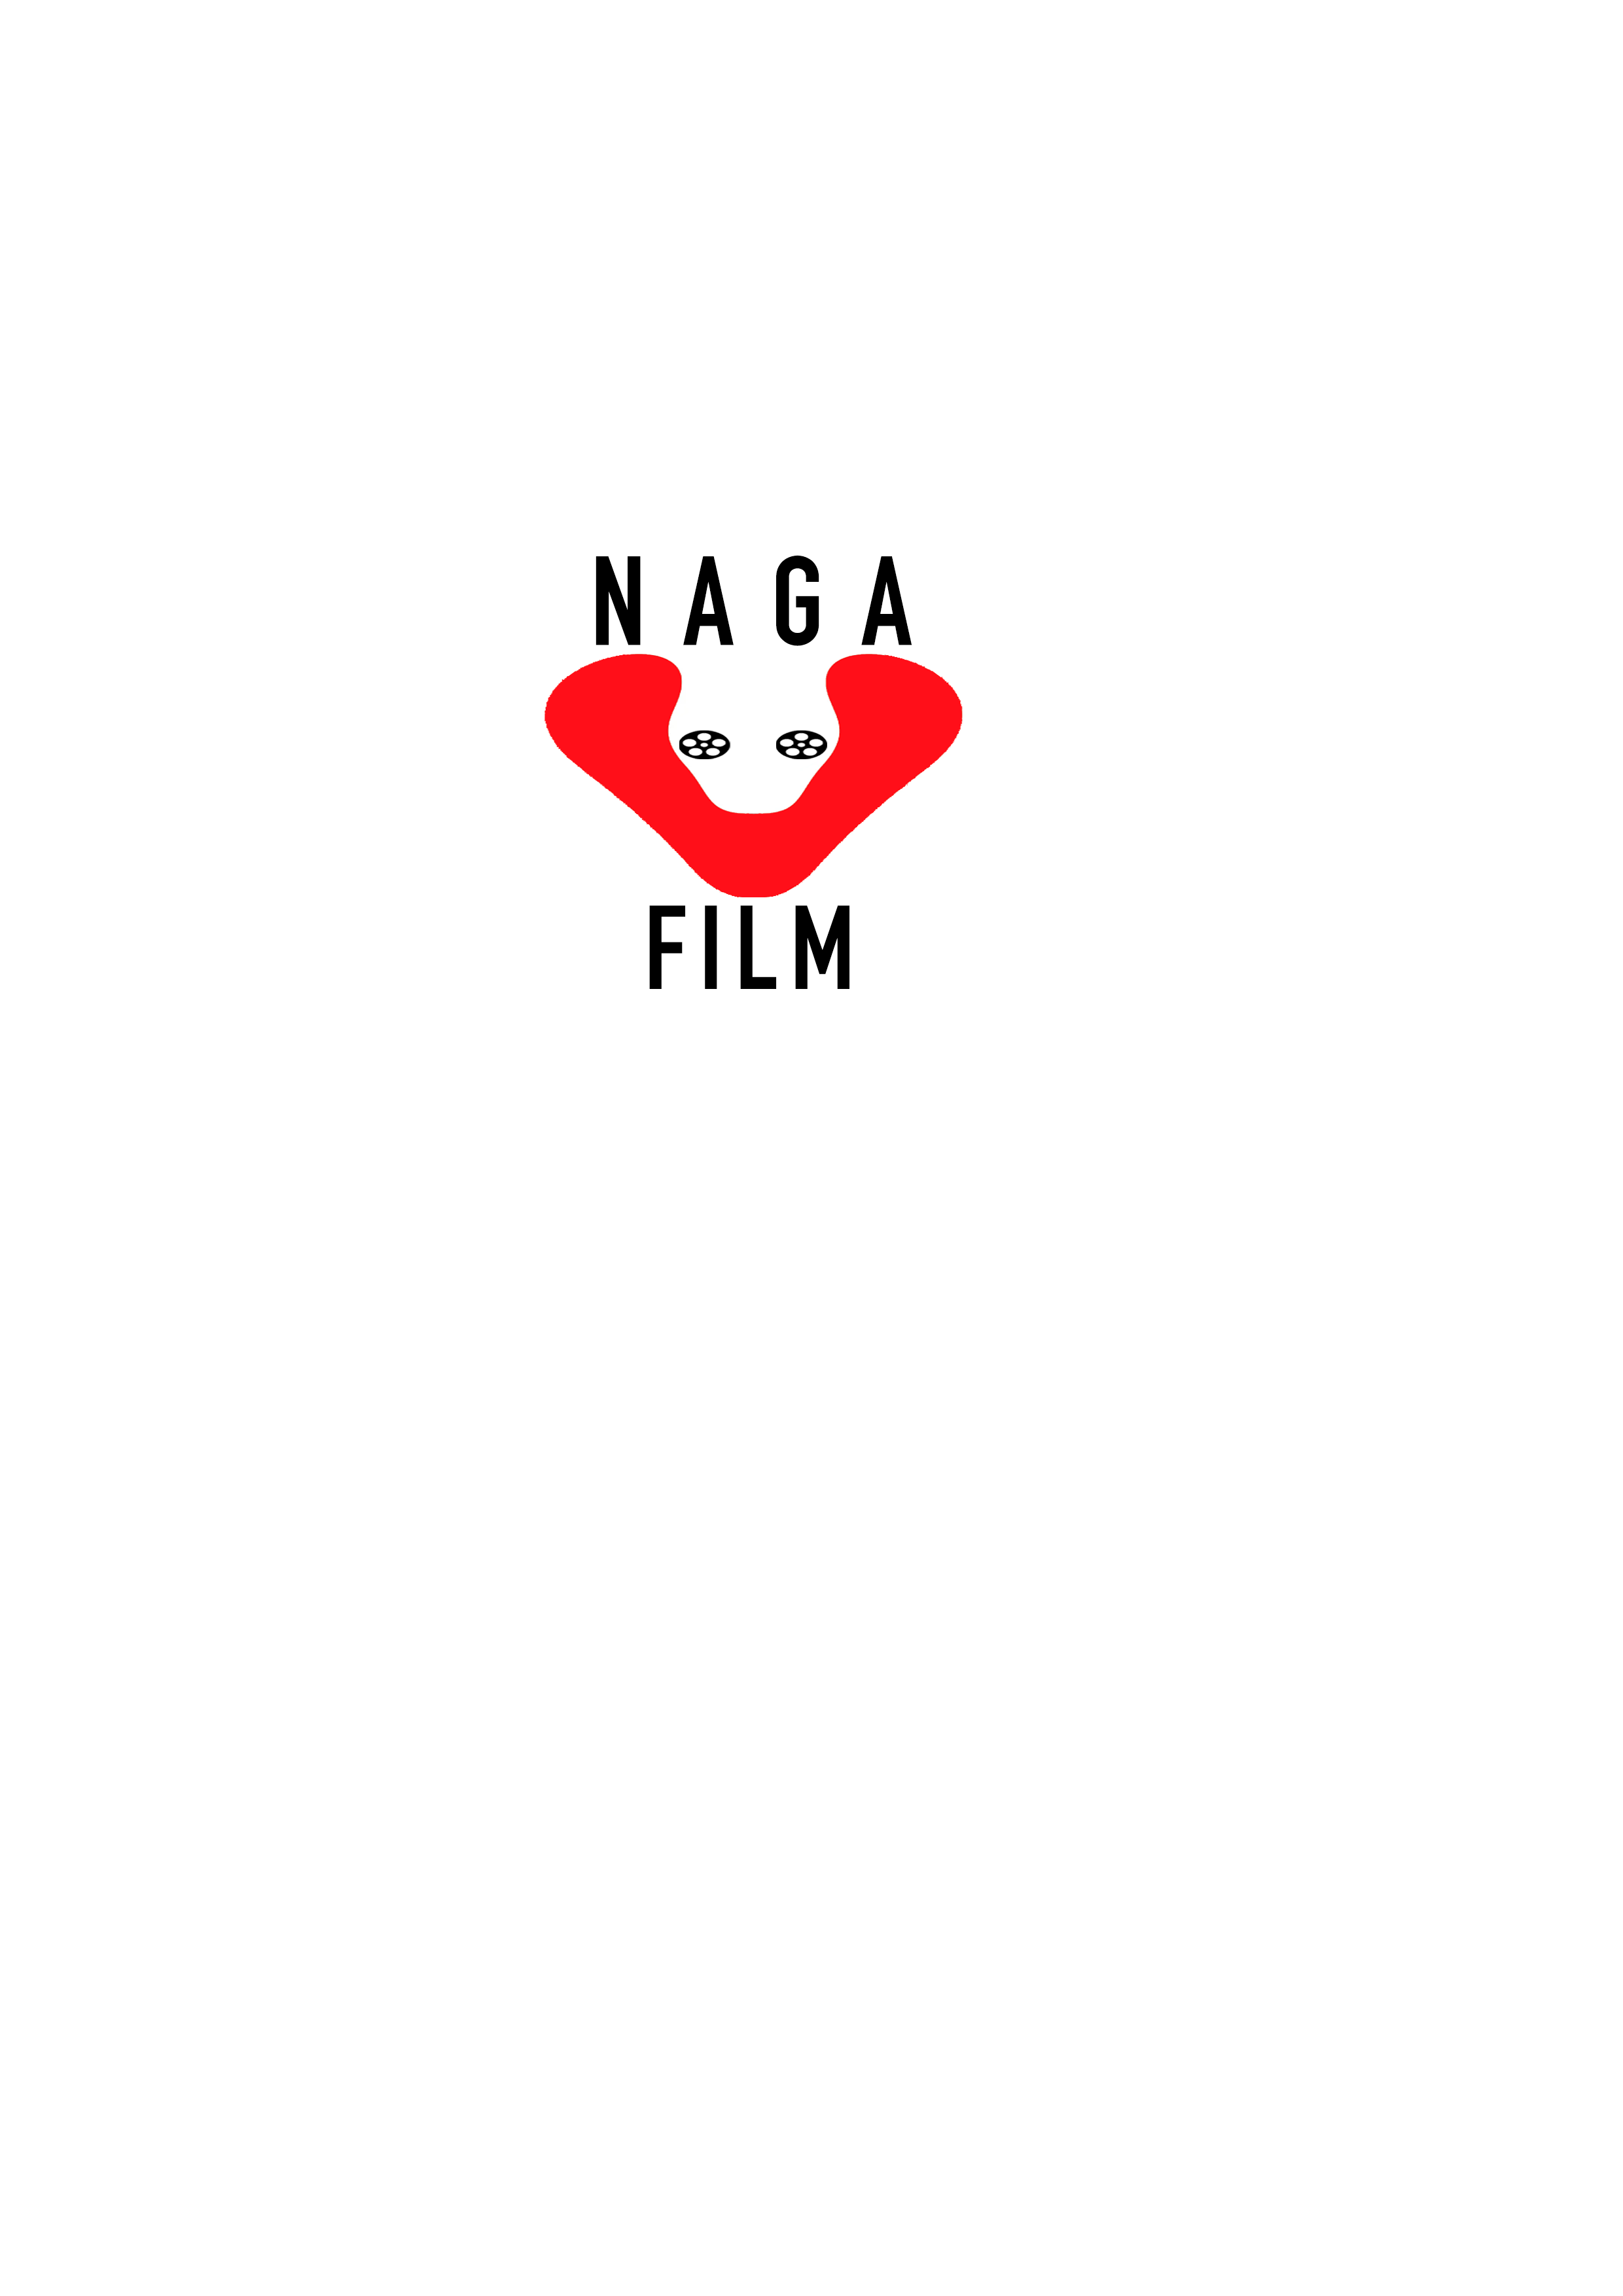 NagaFilm